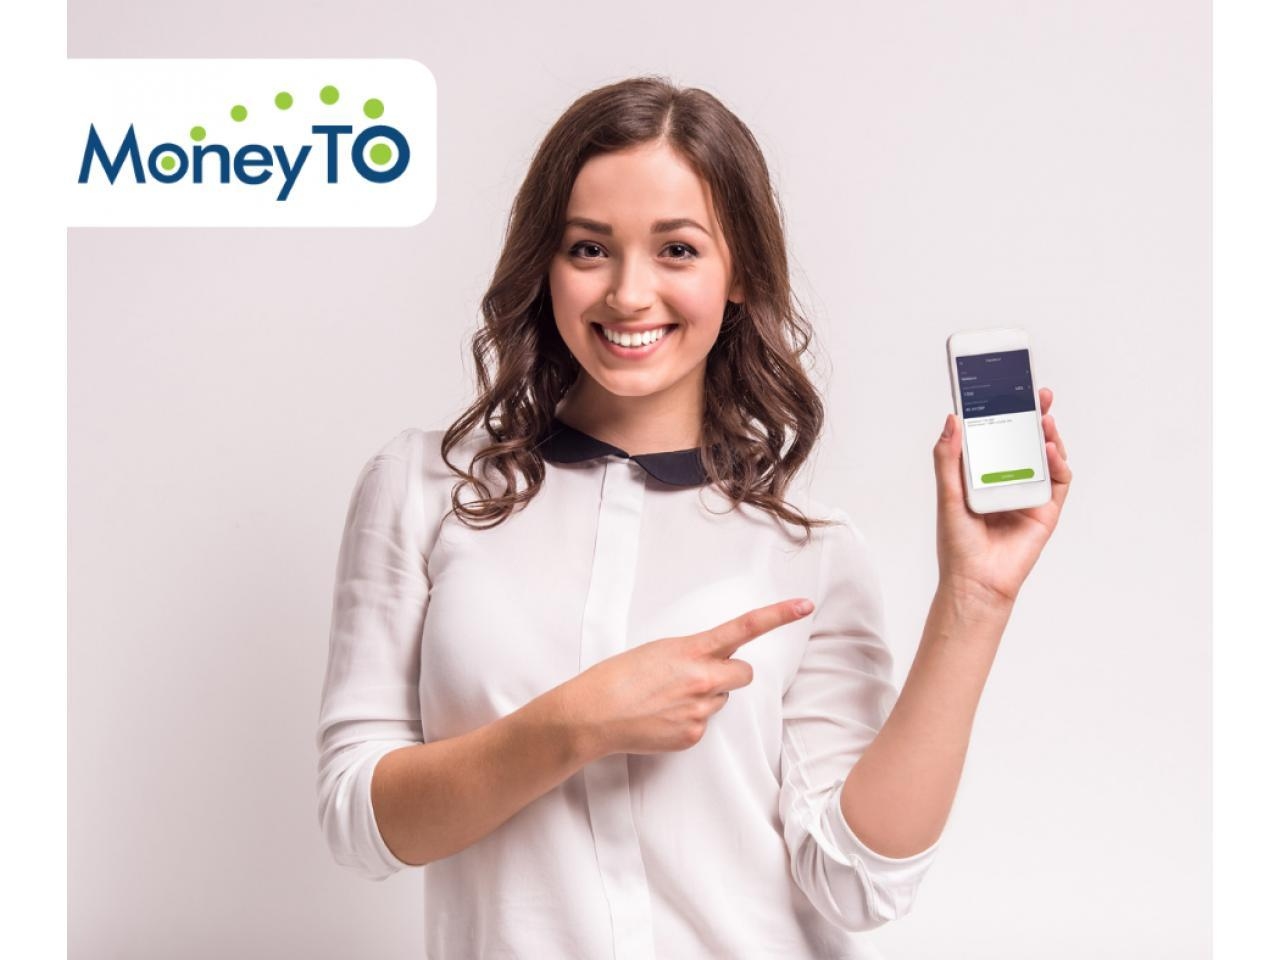 Отправляйте деньги с MoneyTO! - 2